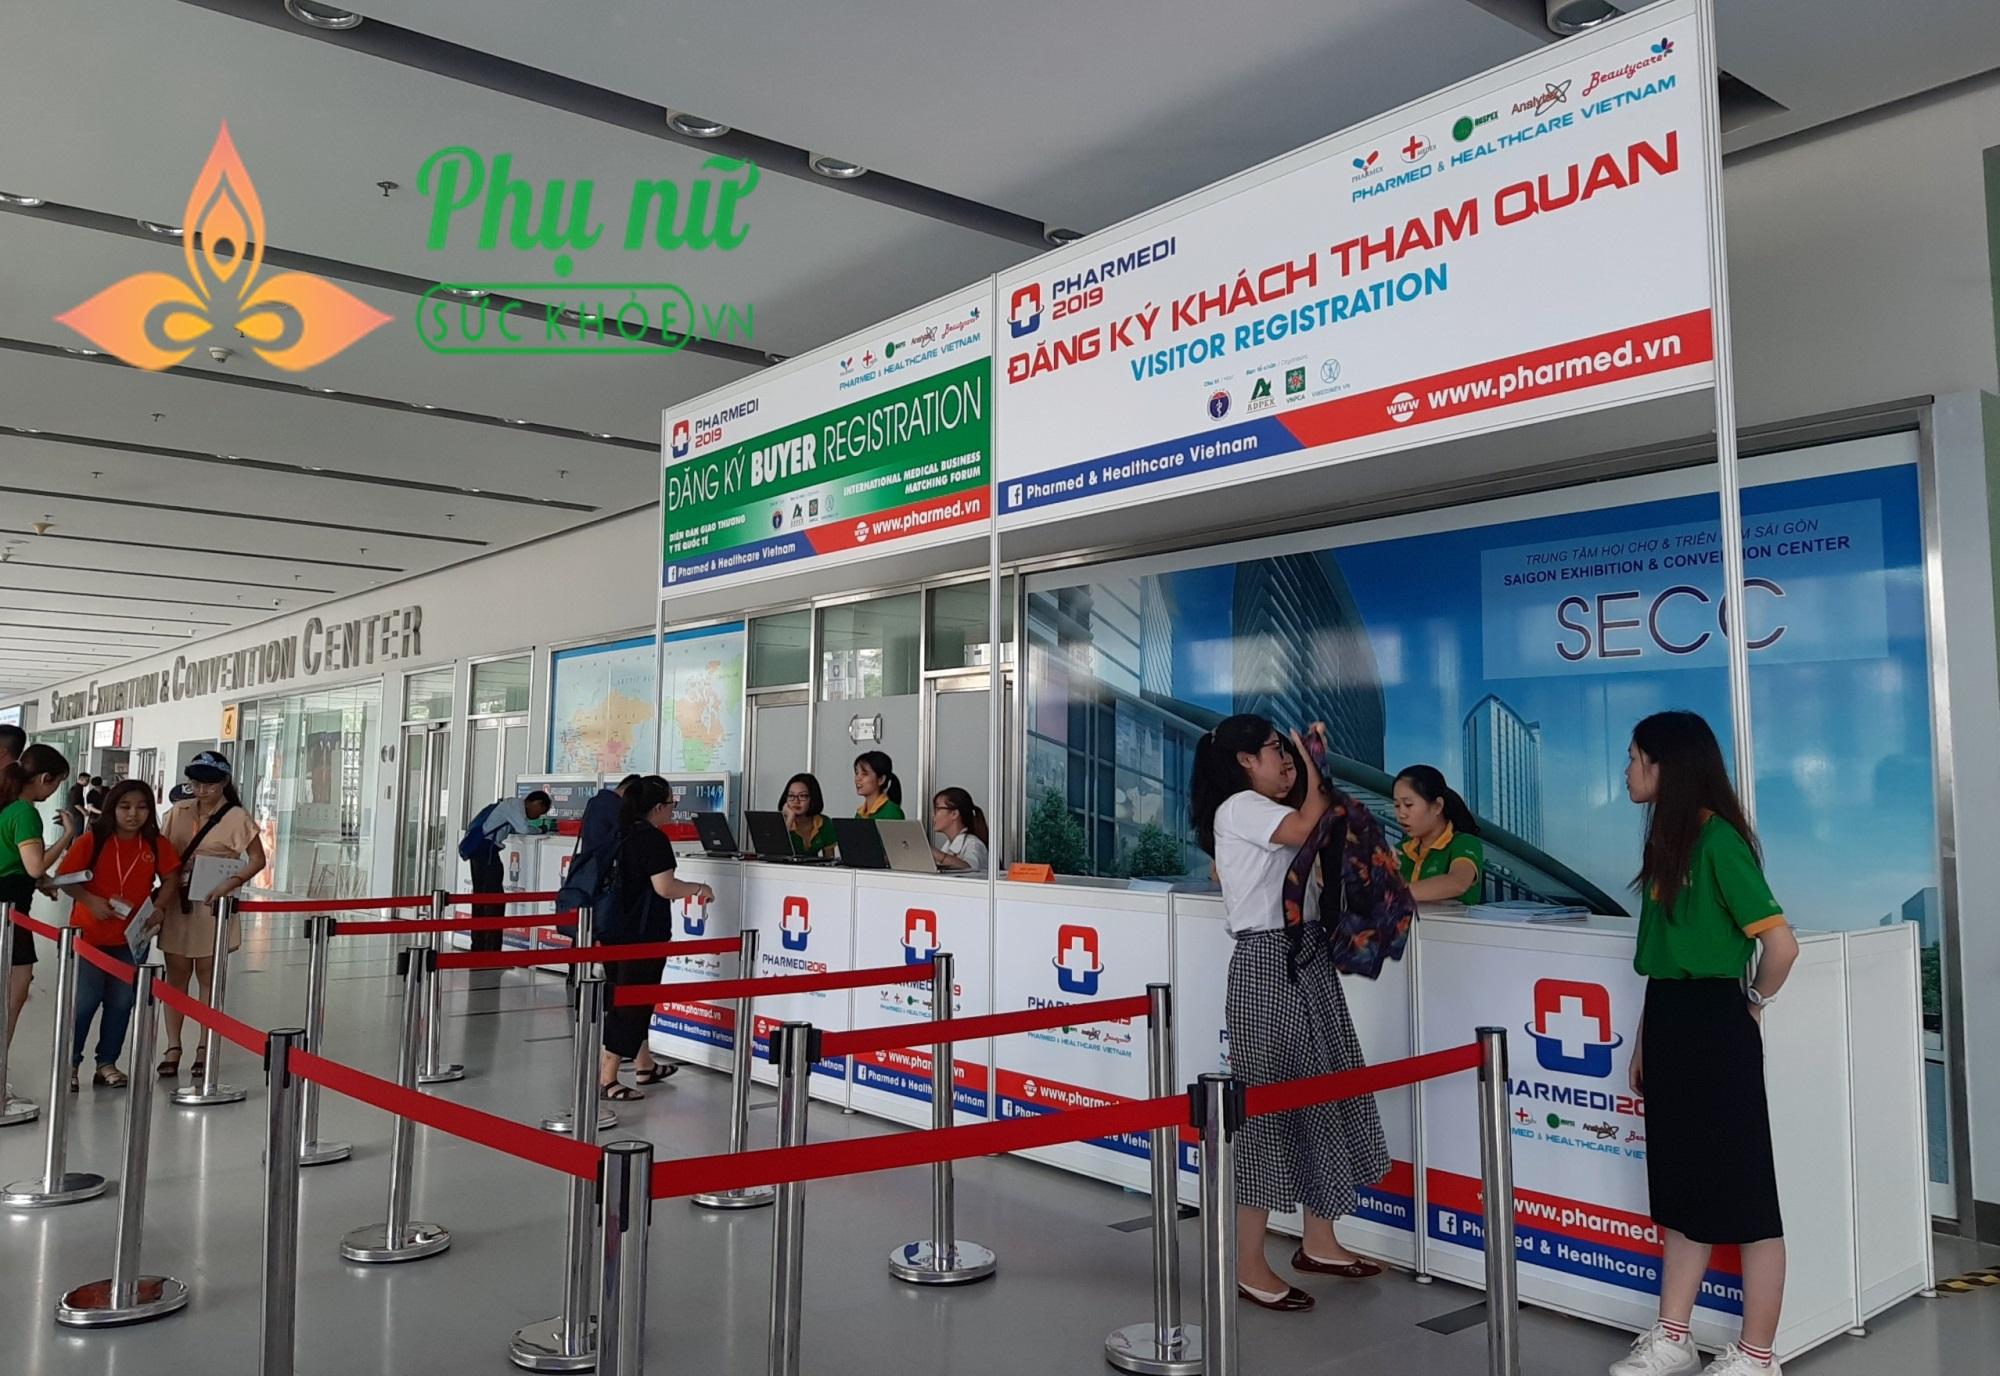 Triển lãm Y tế Quốc tế Việt Nam 2019: Cơ hội vàng giao thương giữa các doanh nghiệp  - Ảnh 2